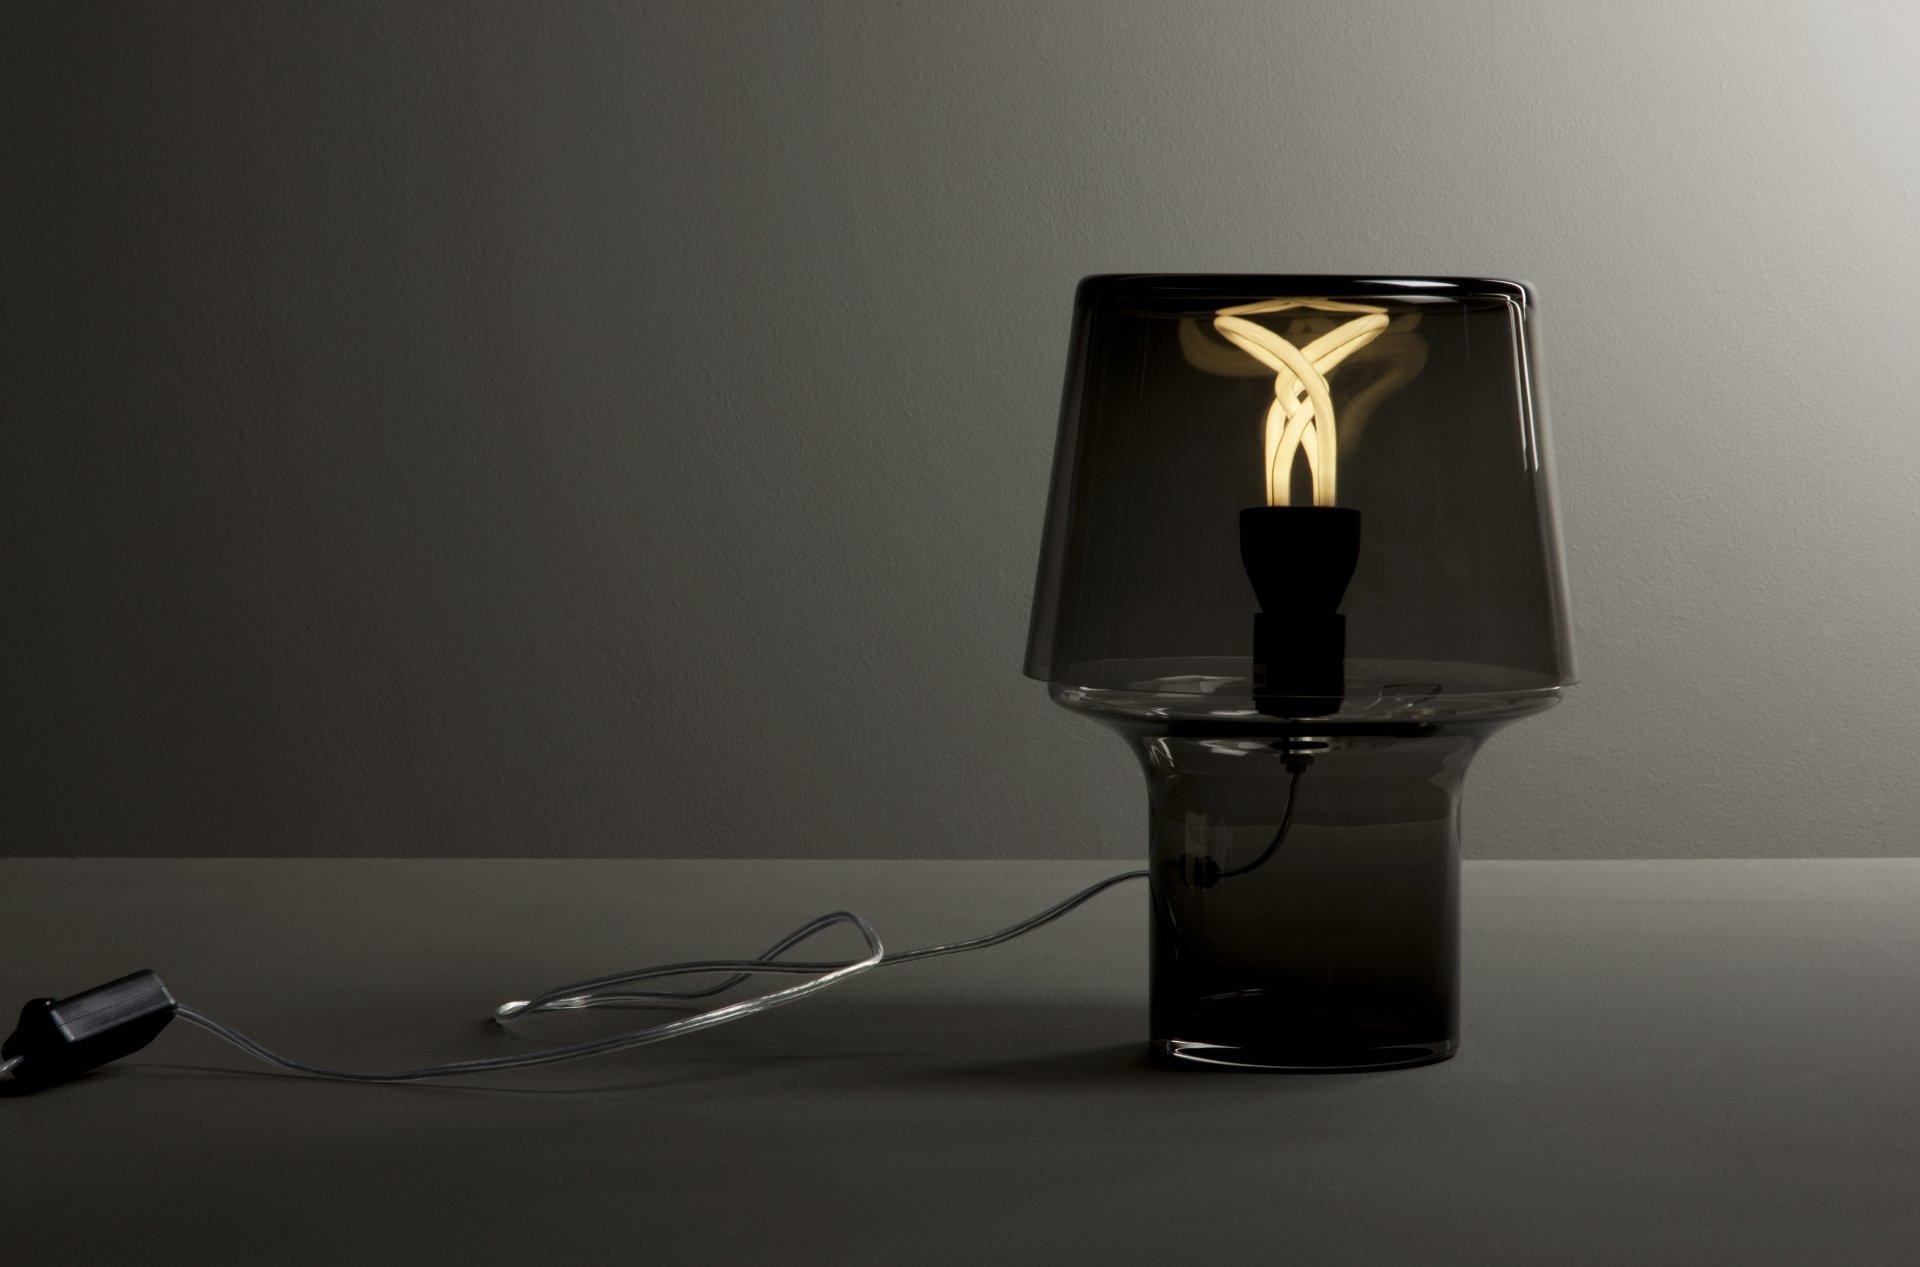 Plumen-001-Lamp Baby Plumen 001 Hulger